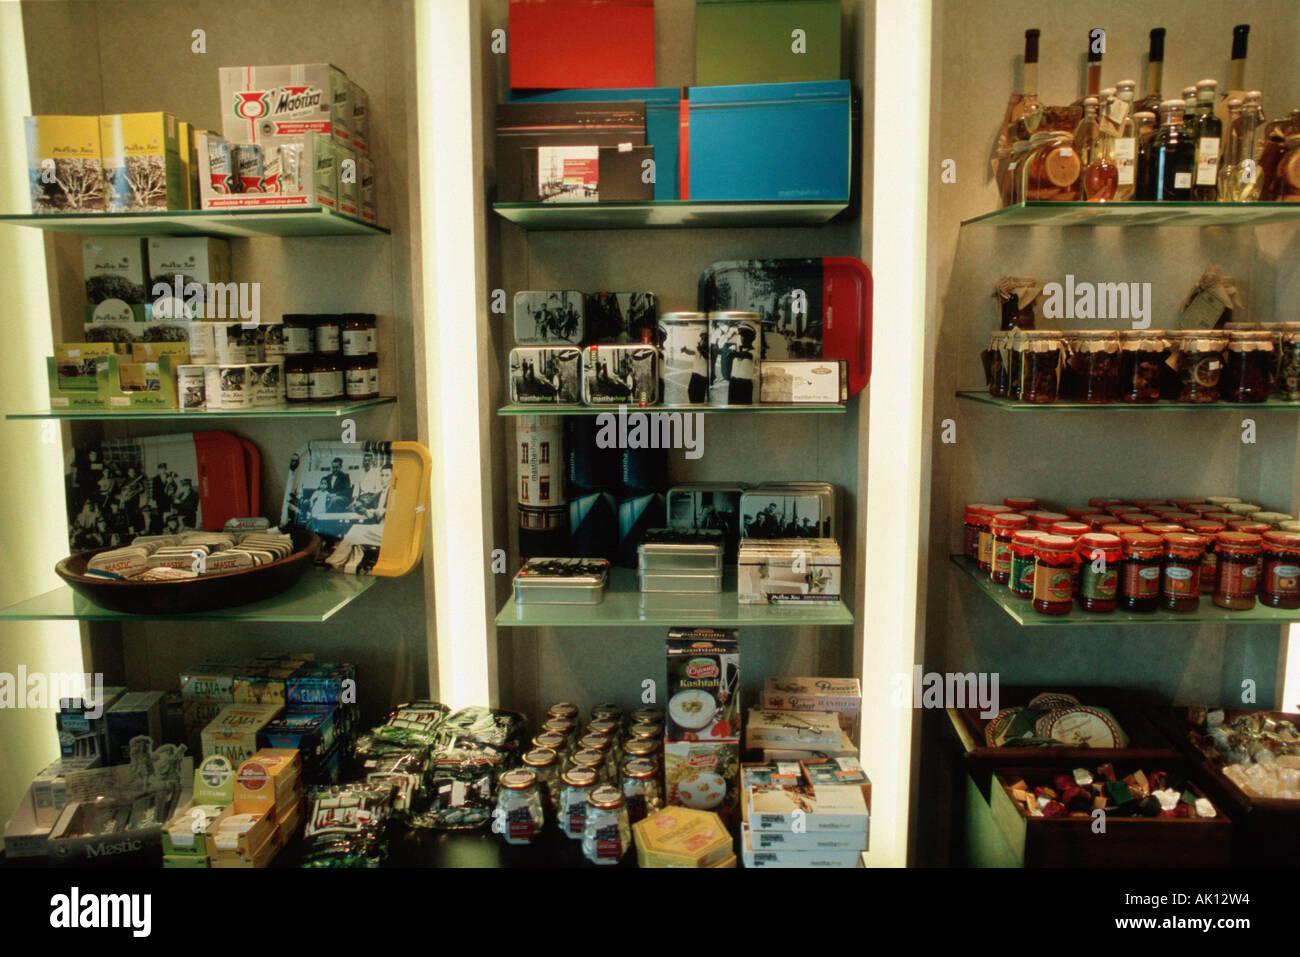 Delikatessen shop / Athen / Feinkostladen - Stock Image